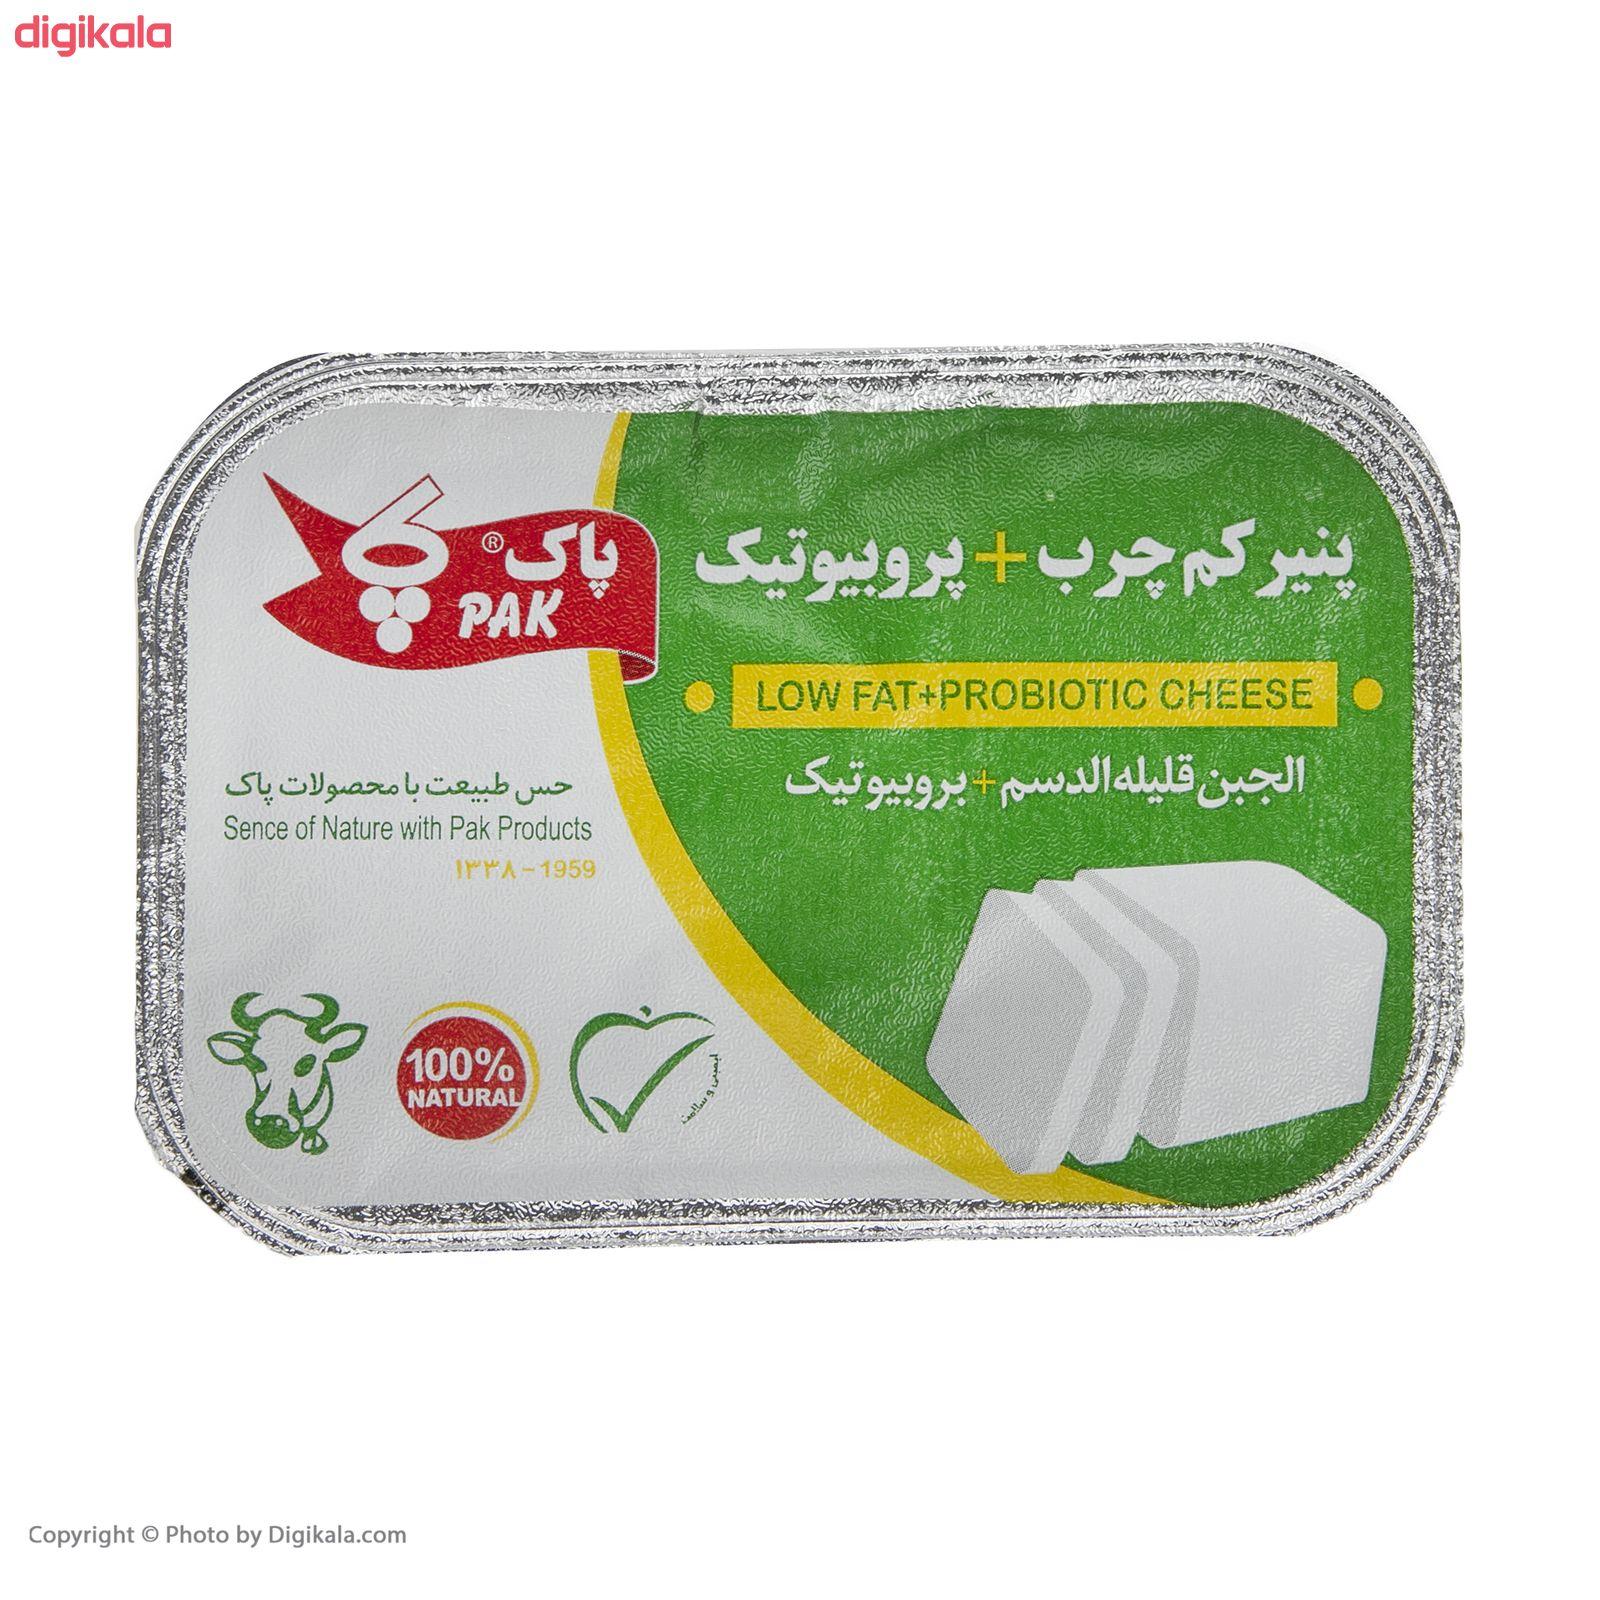 پنیر کم چرب پروبیوتیک پاک - 300 گرم  main 1 2